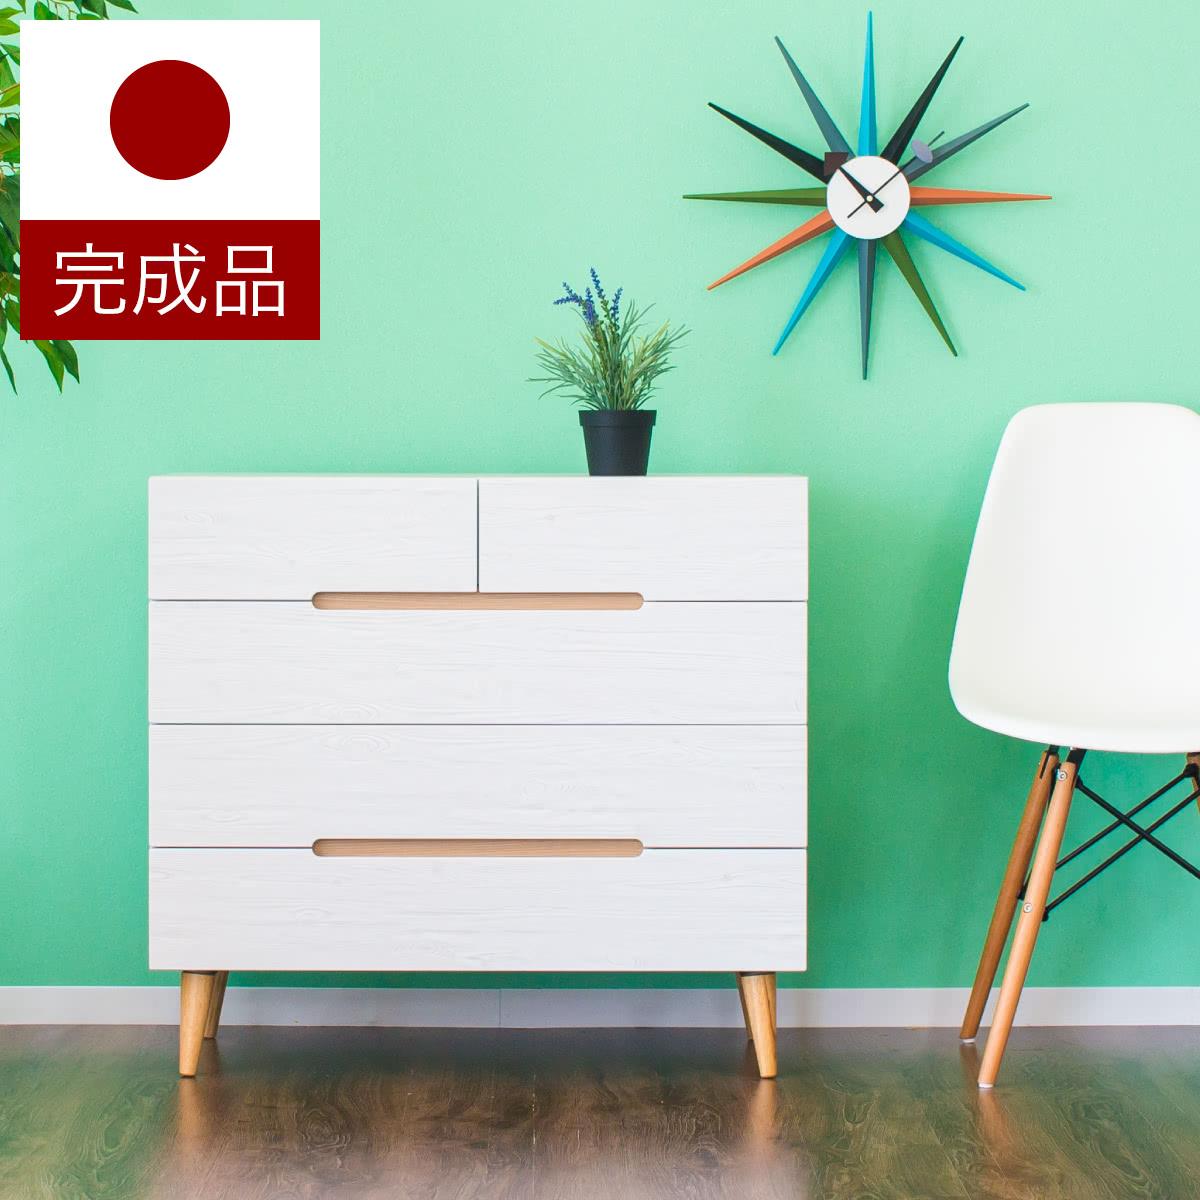 チェスト 幅80 奥行40 高さ73 日本製 高品質 ホワイト/ブラウン/グリーン 木製 リビングチェスト サイドチェスト 国産 引き出し 引出し 背面化粧 北欧 脚付き おしゃれ かわいい デザインチェスト